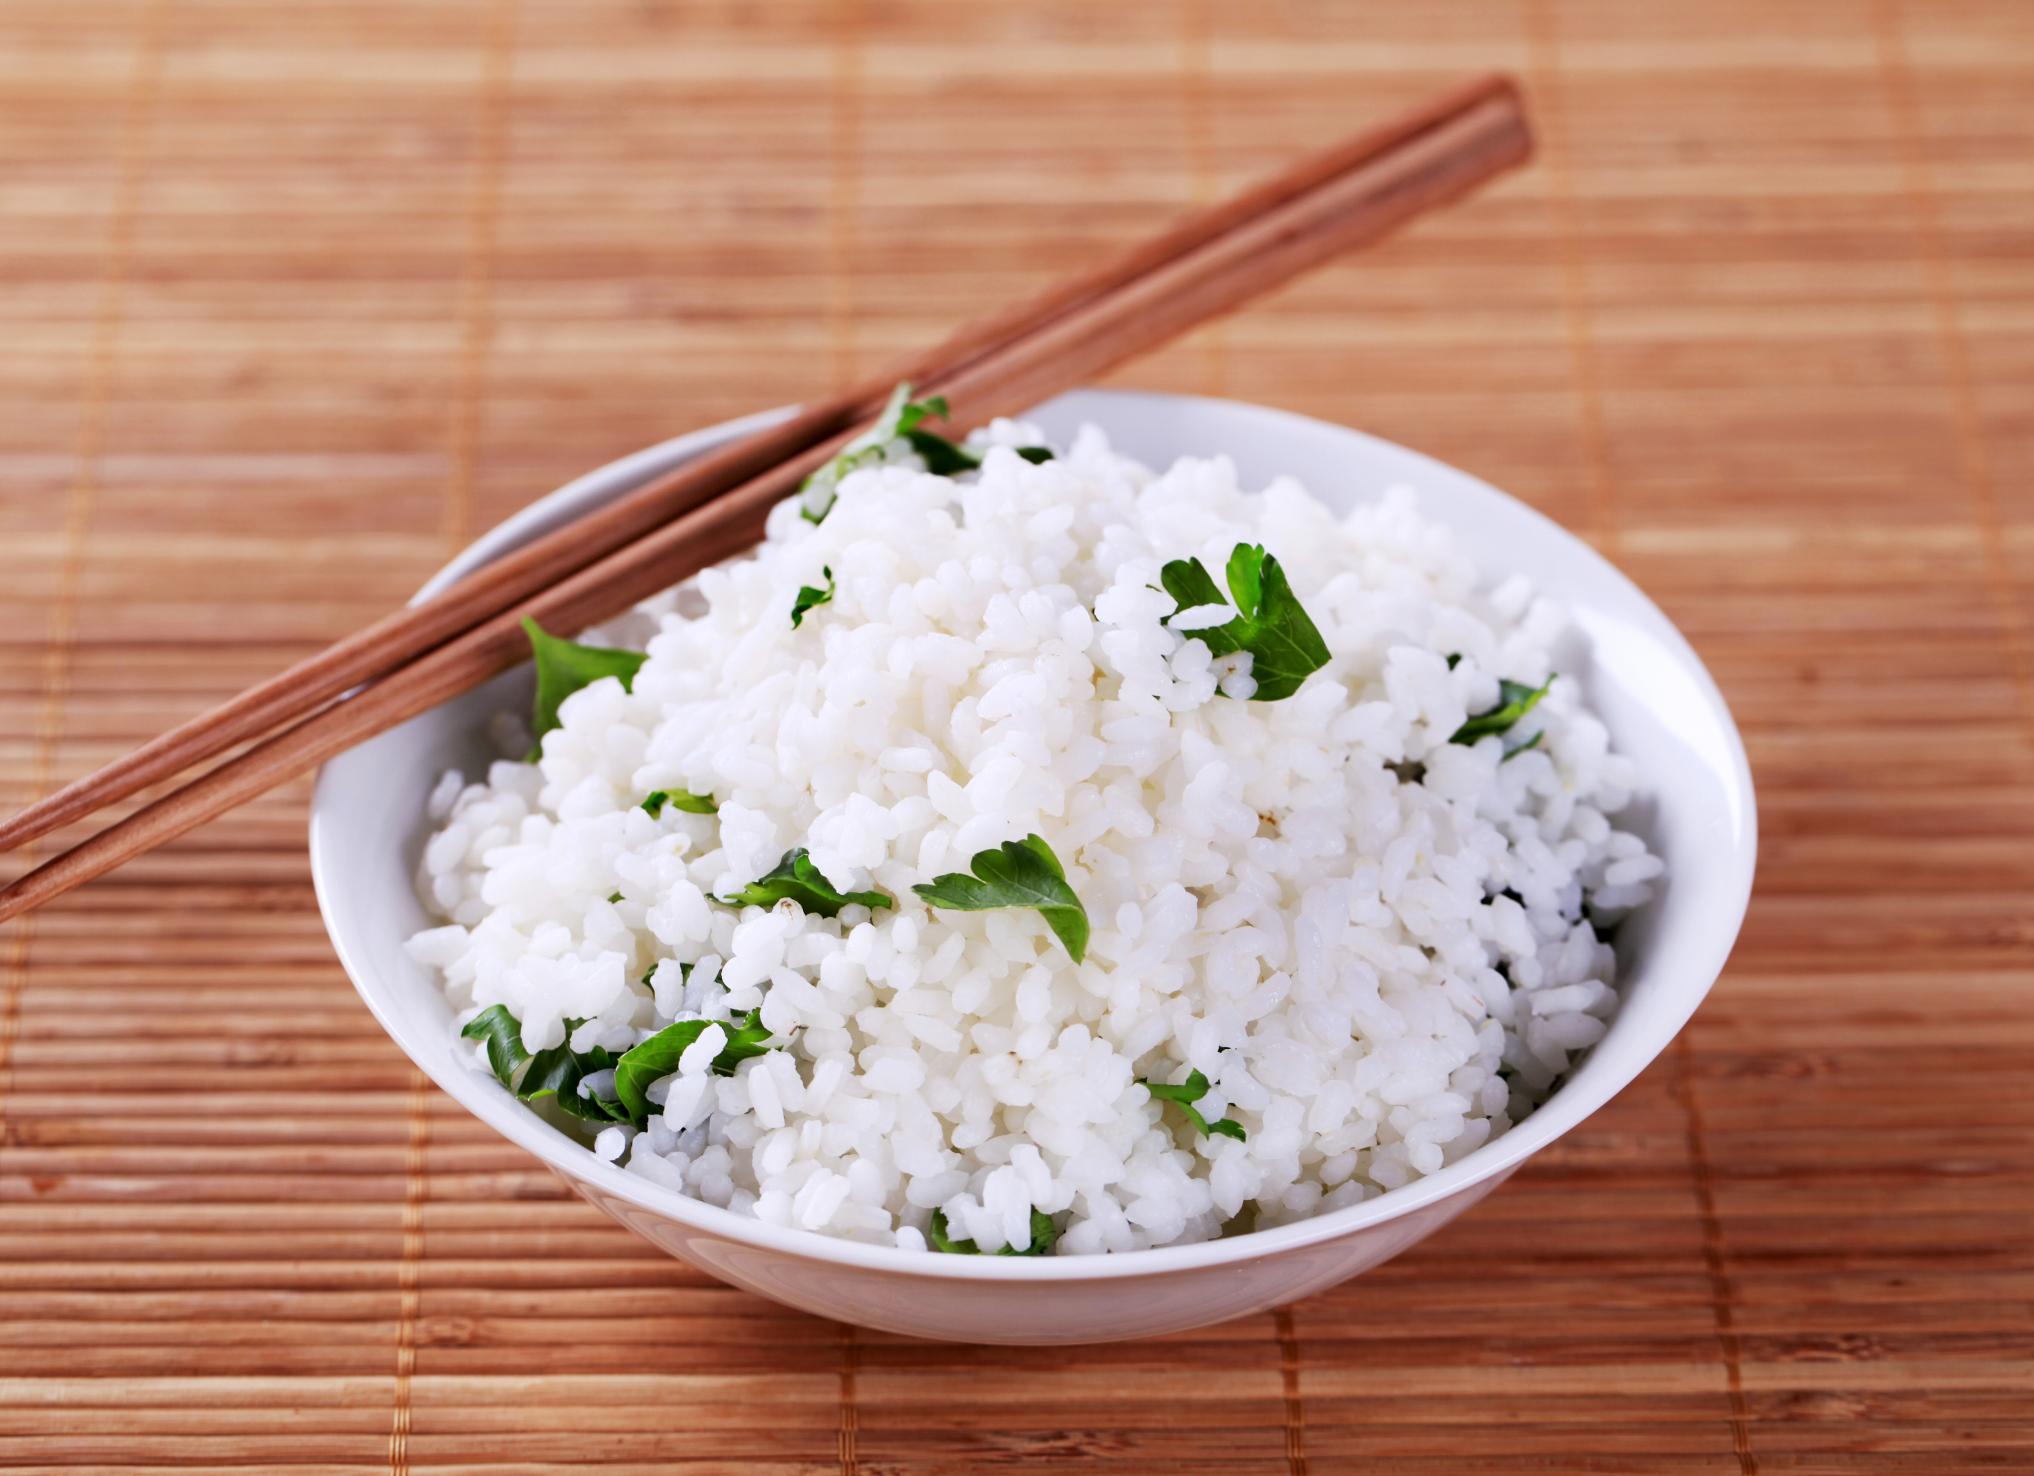 Arroz blanco con ajo y perejil